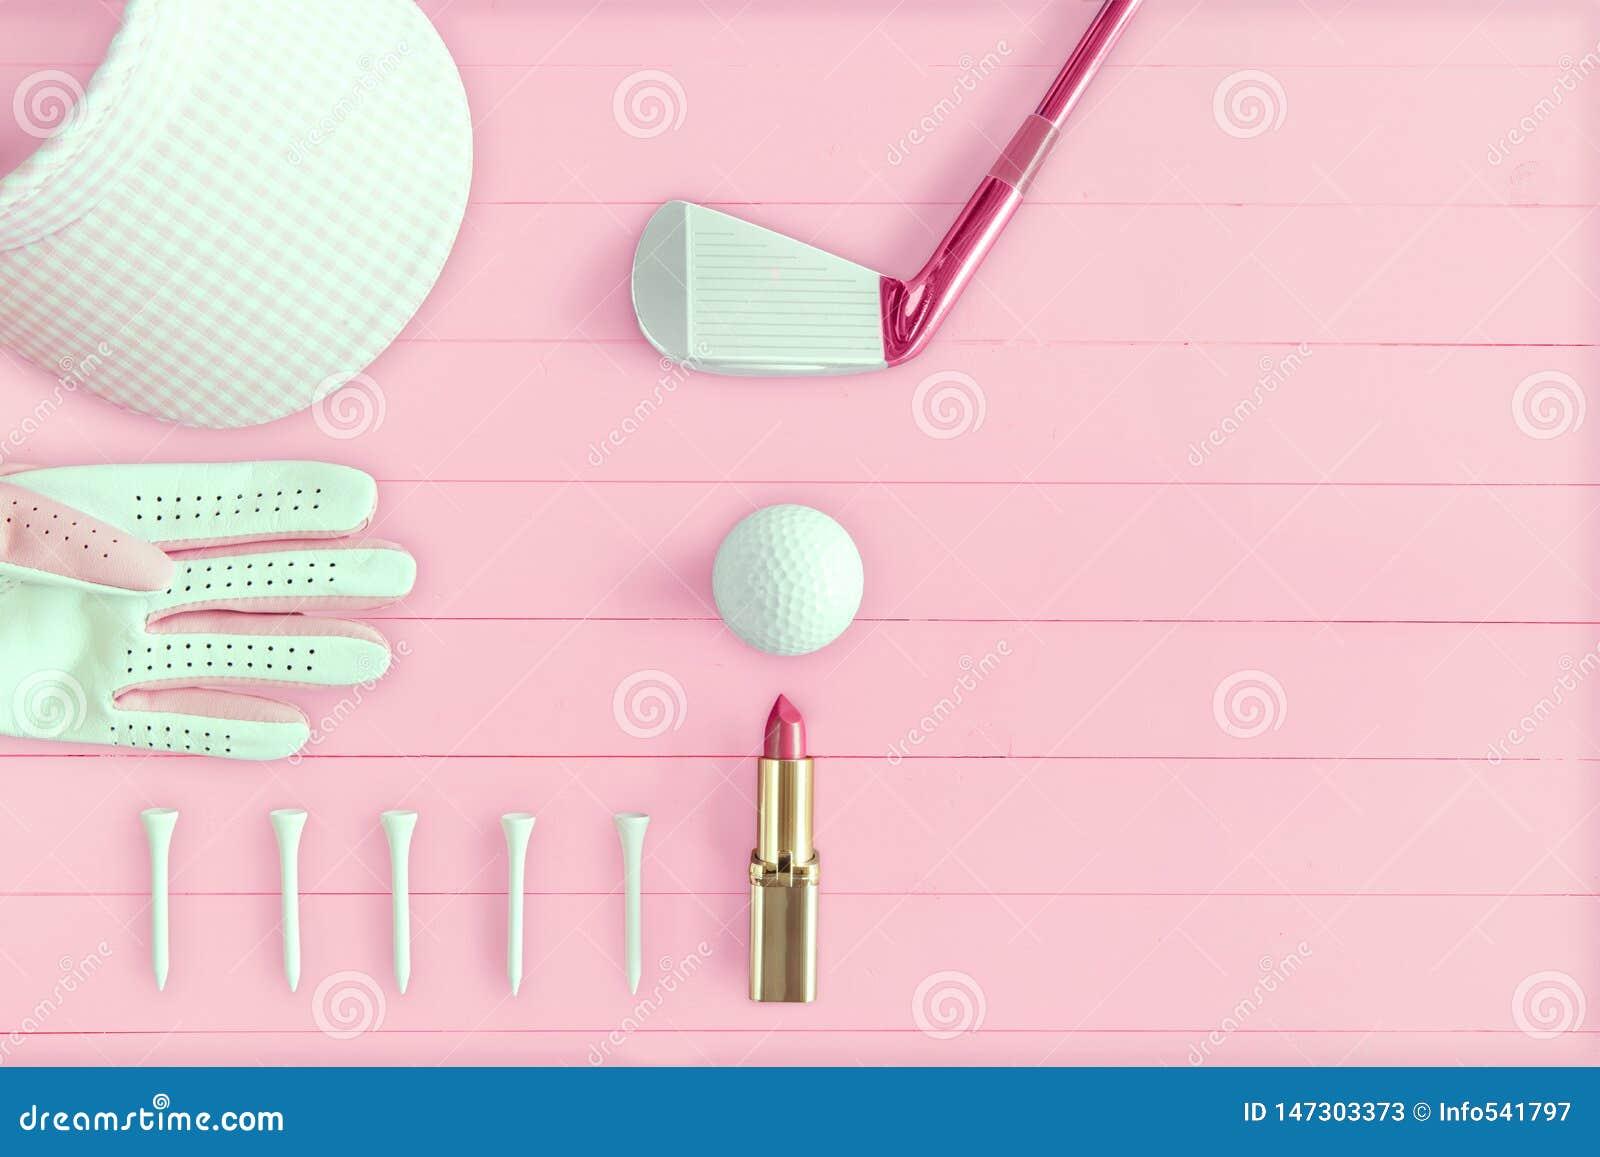 Golfklubb, golfboll, golfhandske, utslagsplatser och golfskärm på rosa trä